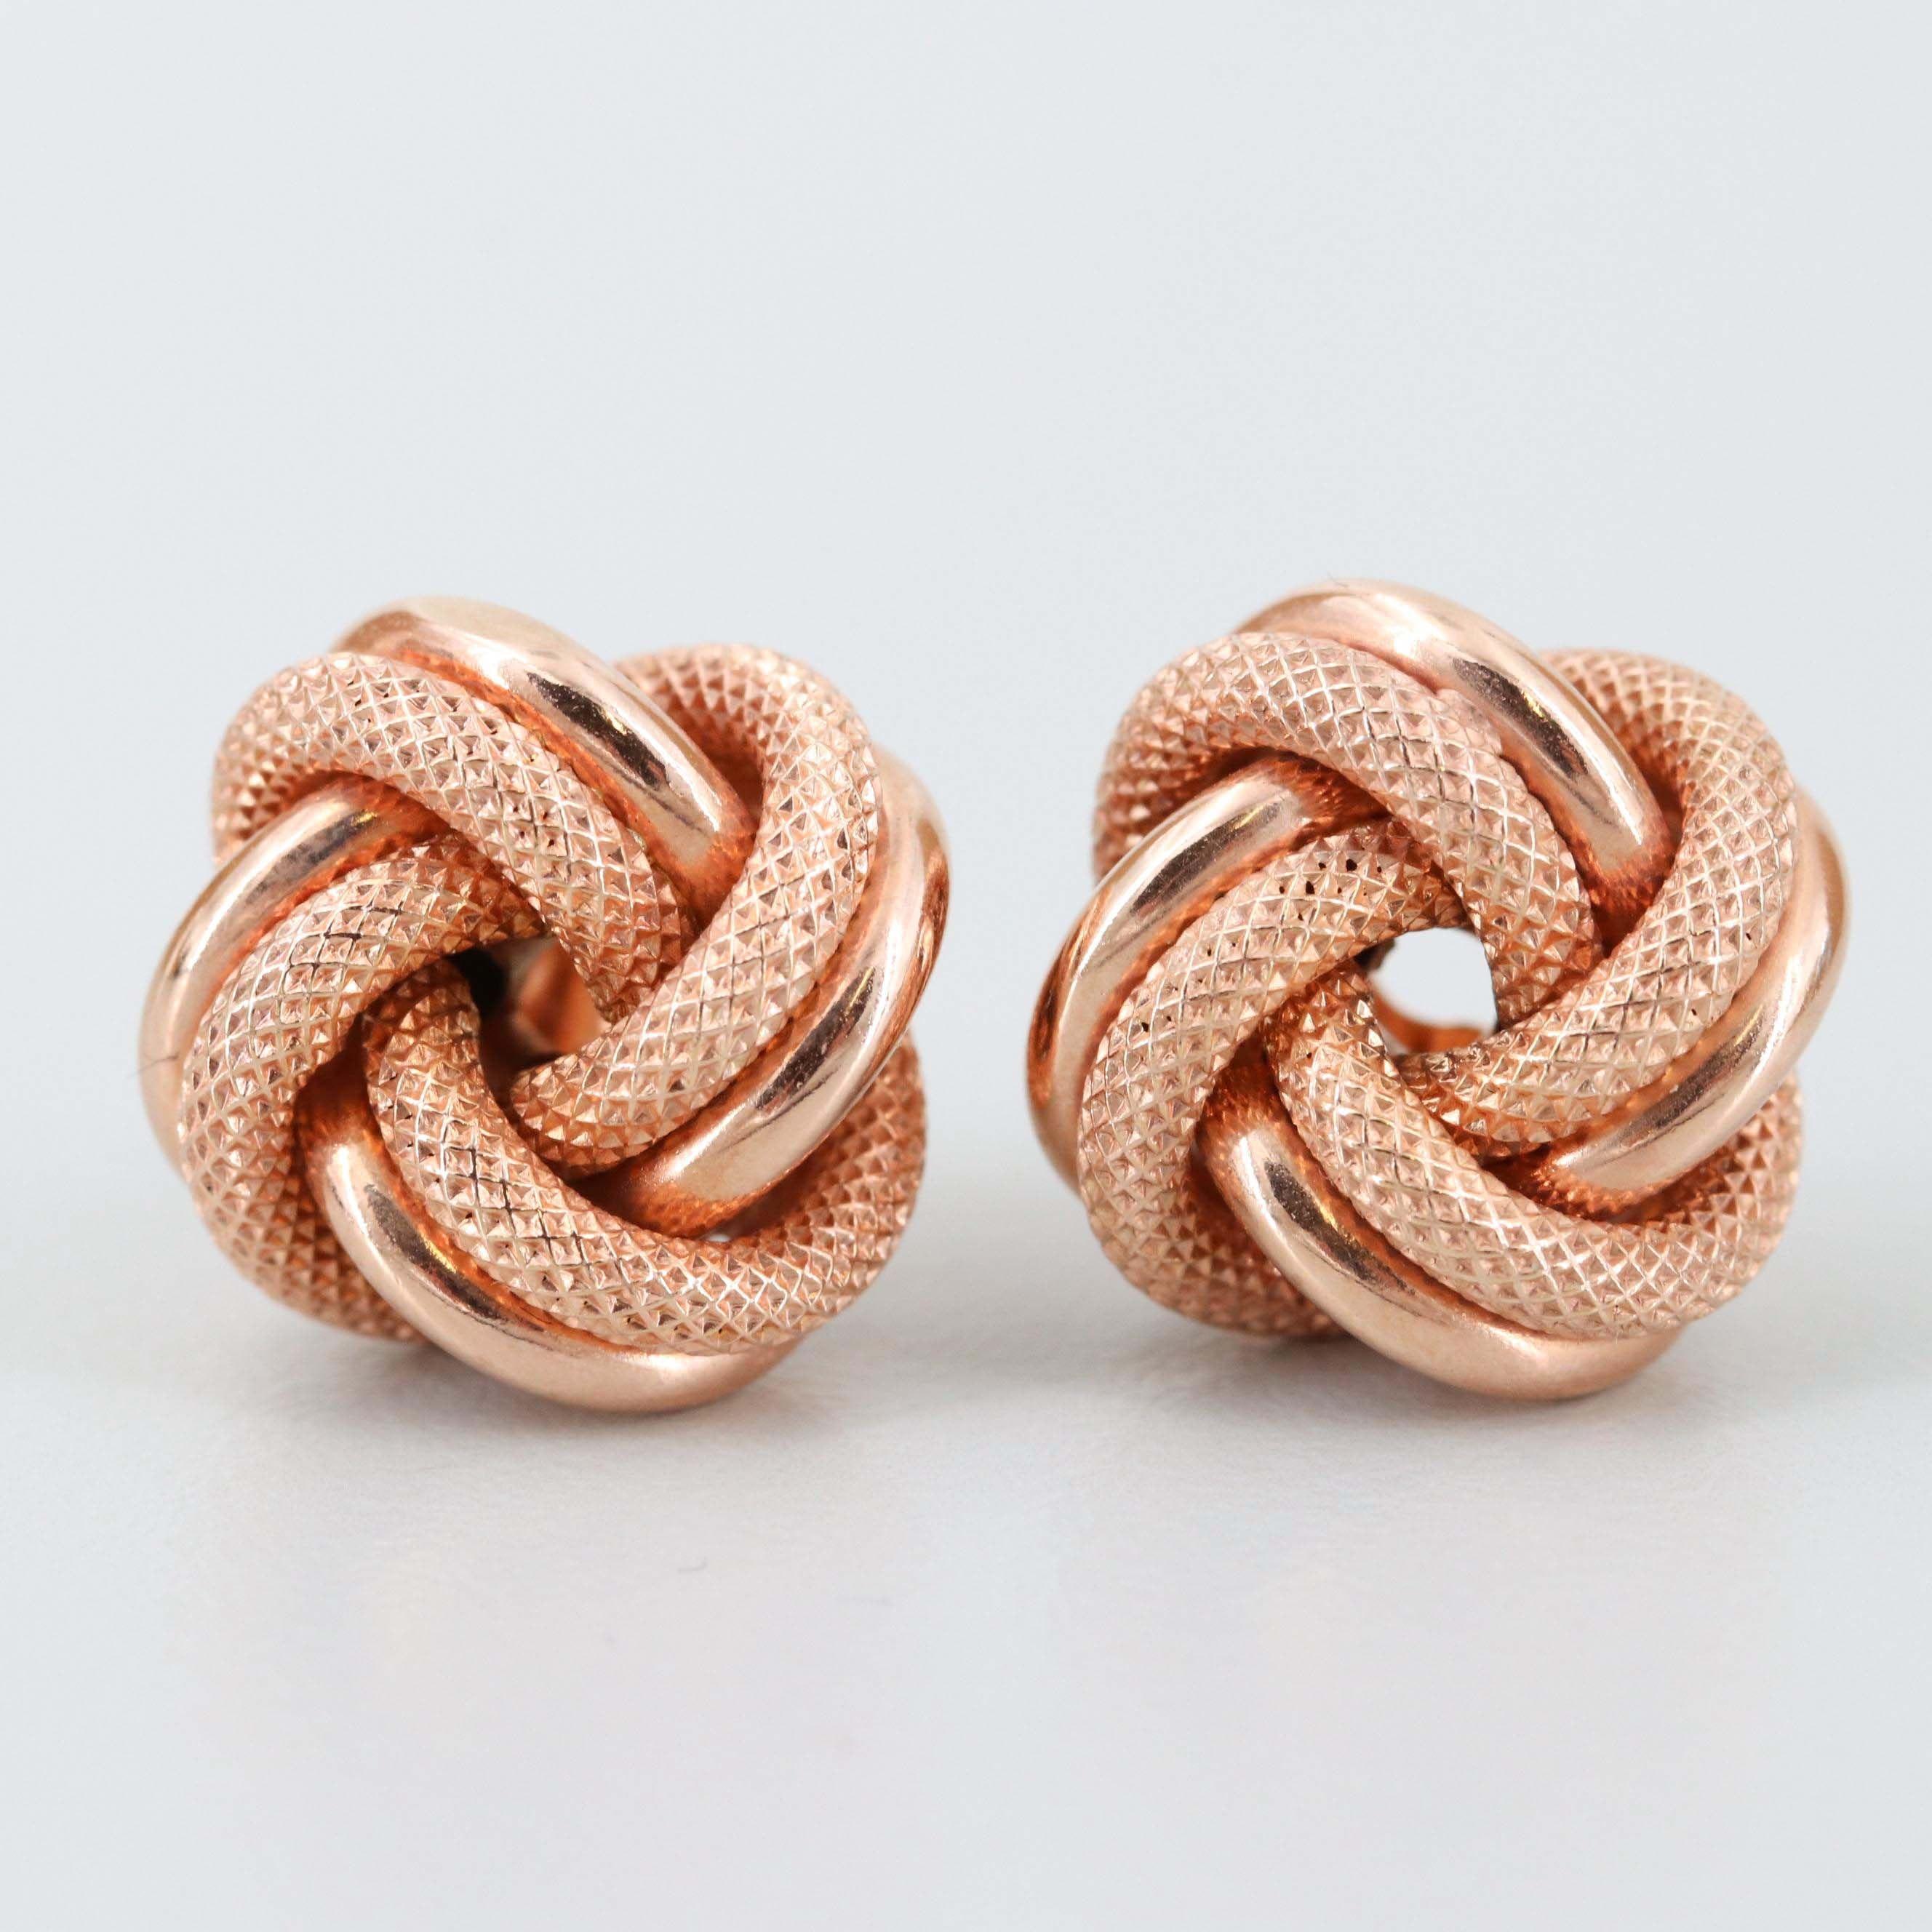 Italian 18K Rose Gold Knot Earrings